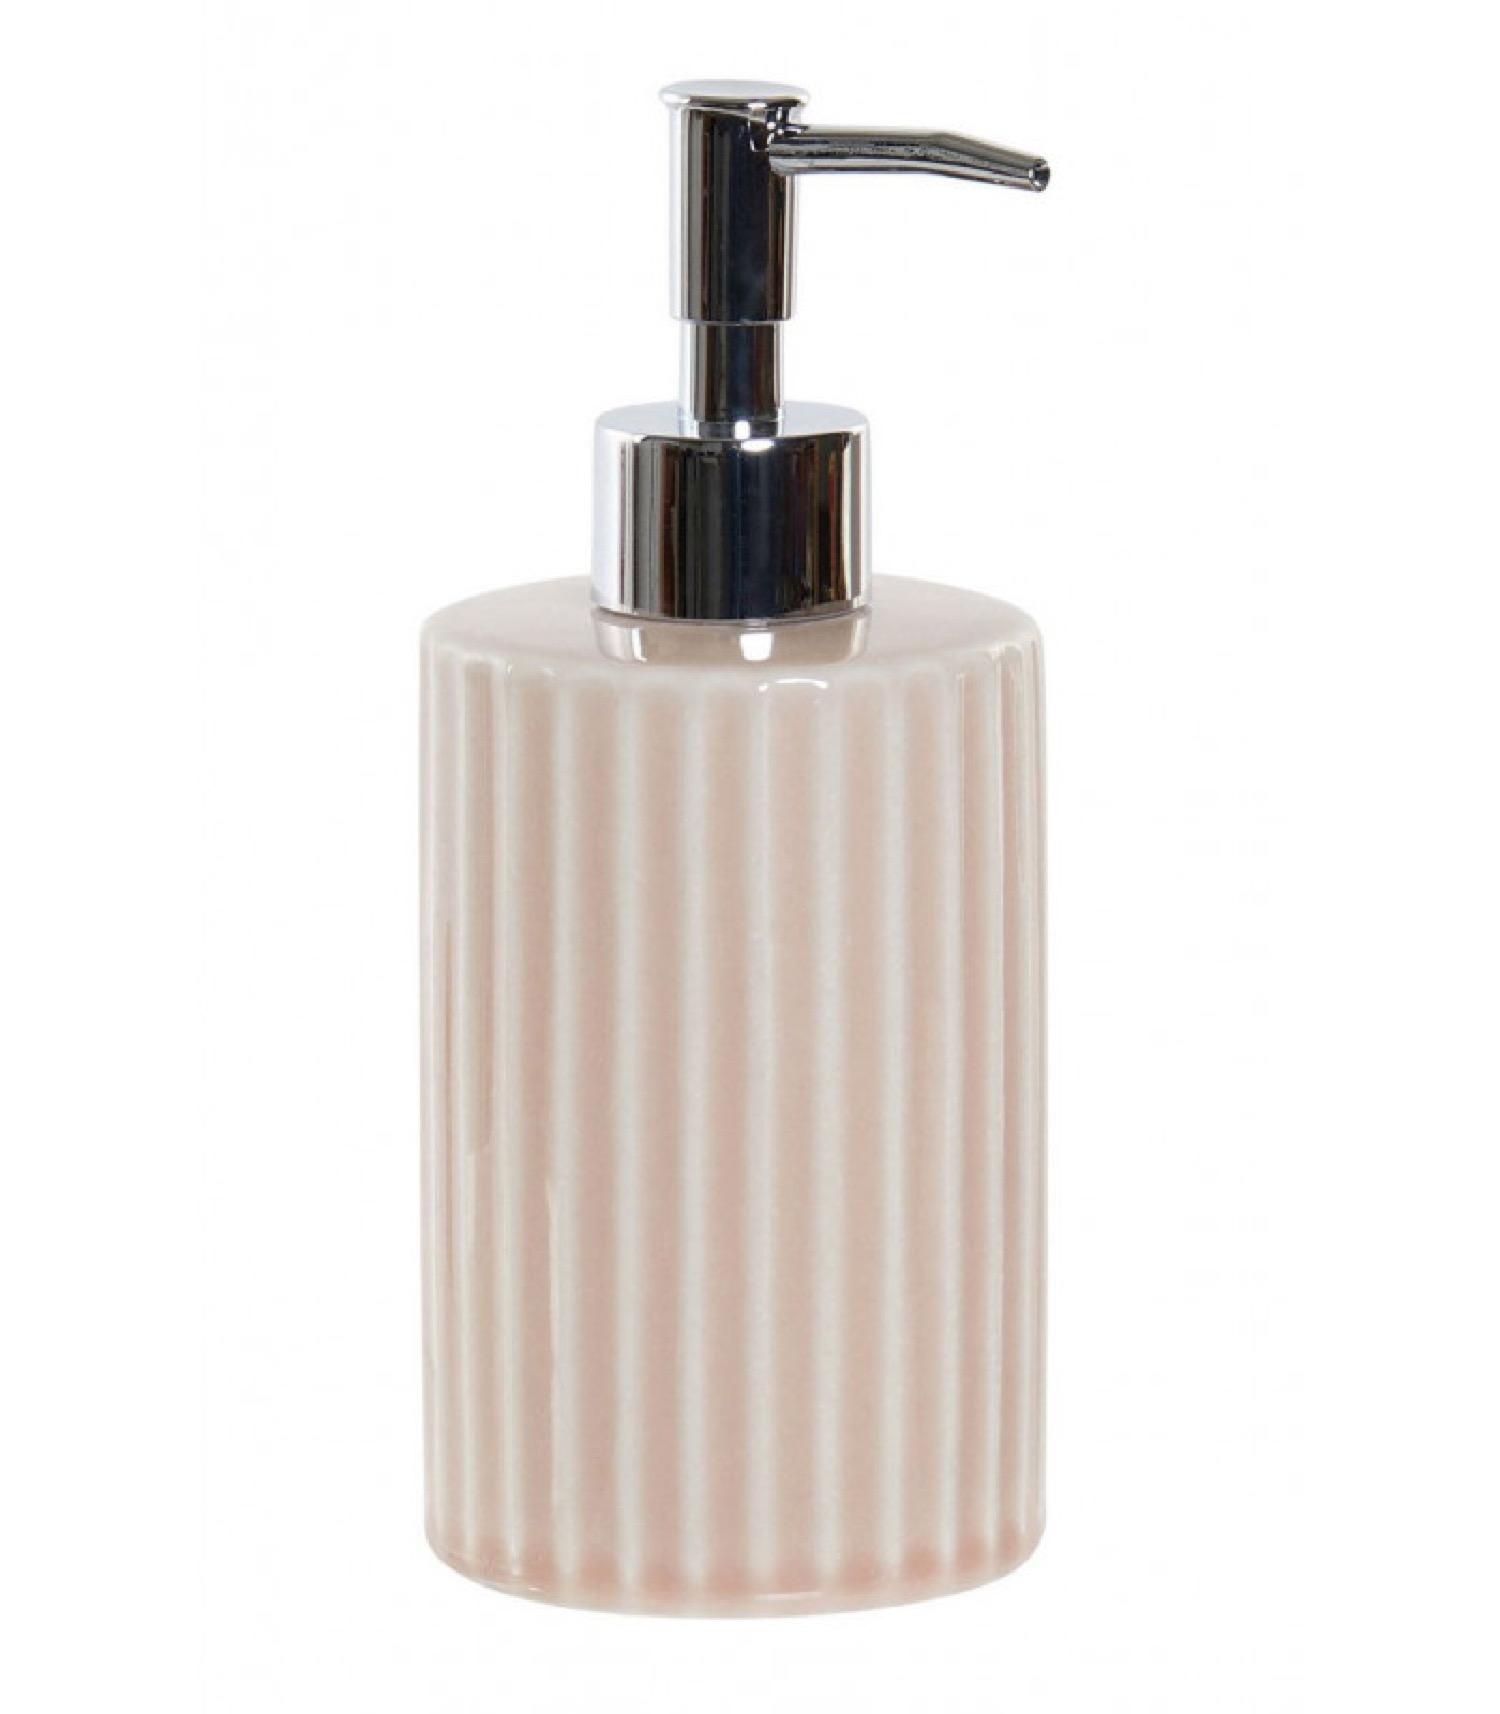 Distributeur de savon en céramique rose et ABS chromé